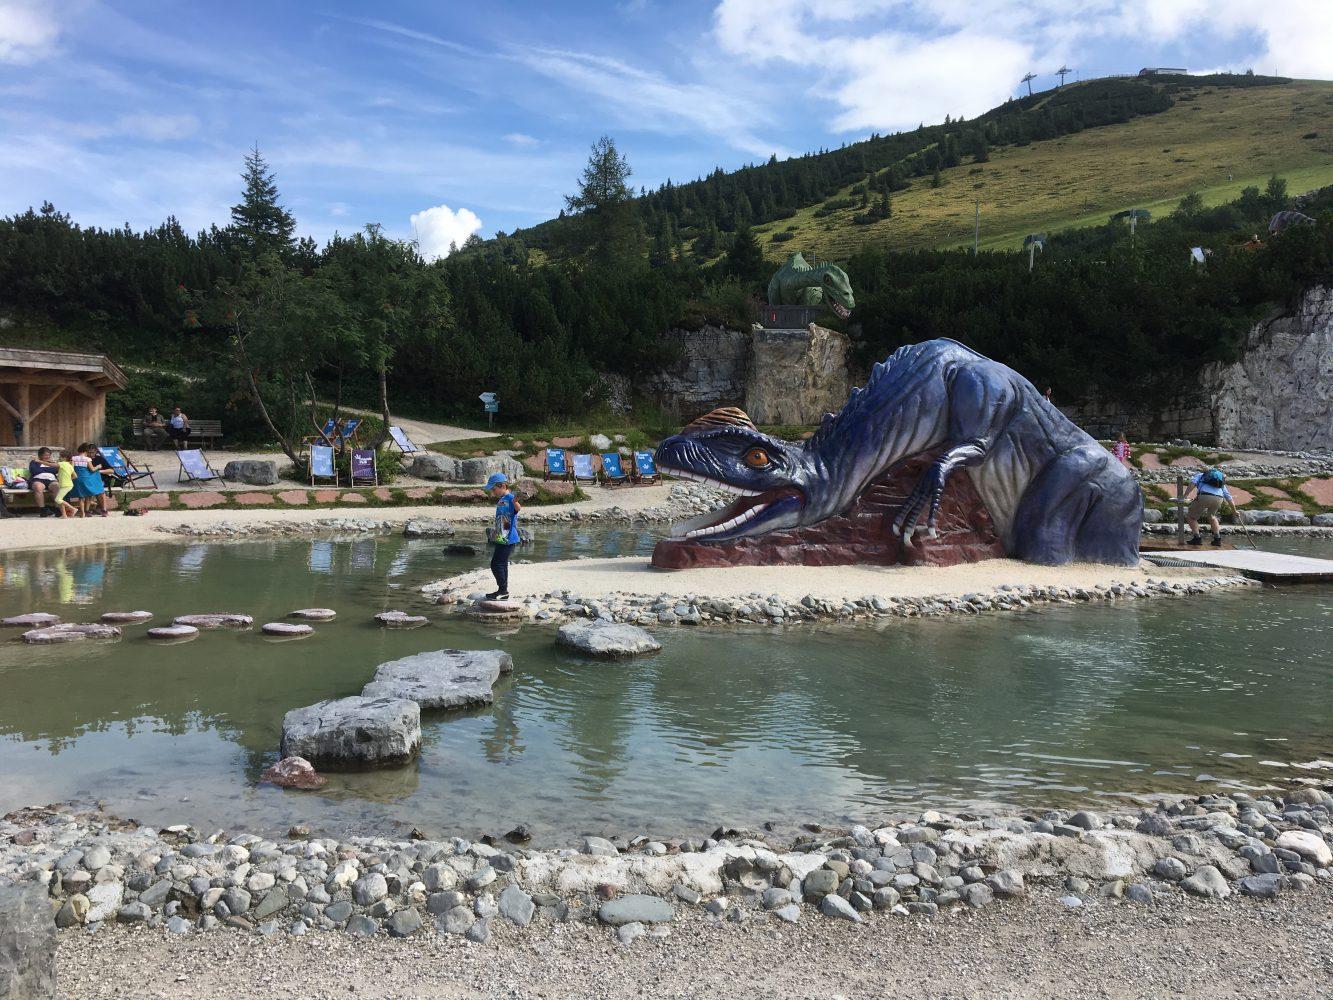 einer der schönen Wasserspielplätze